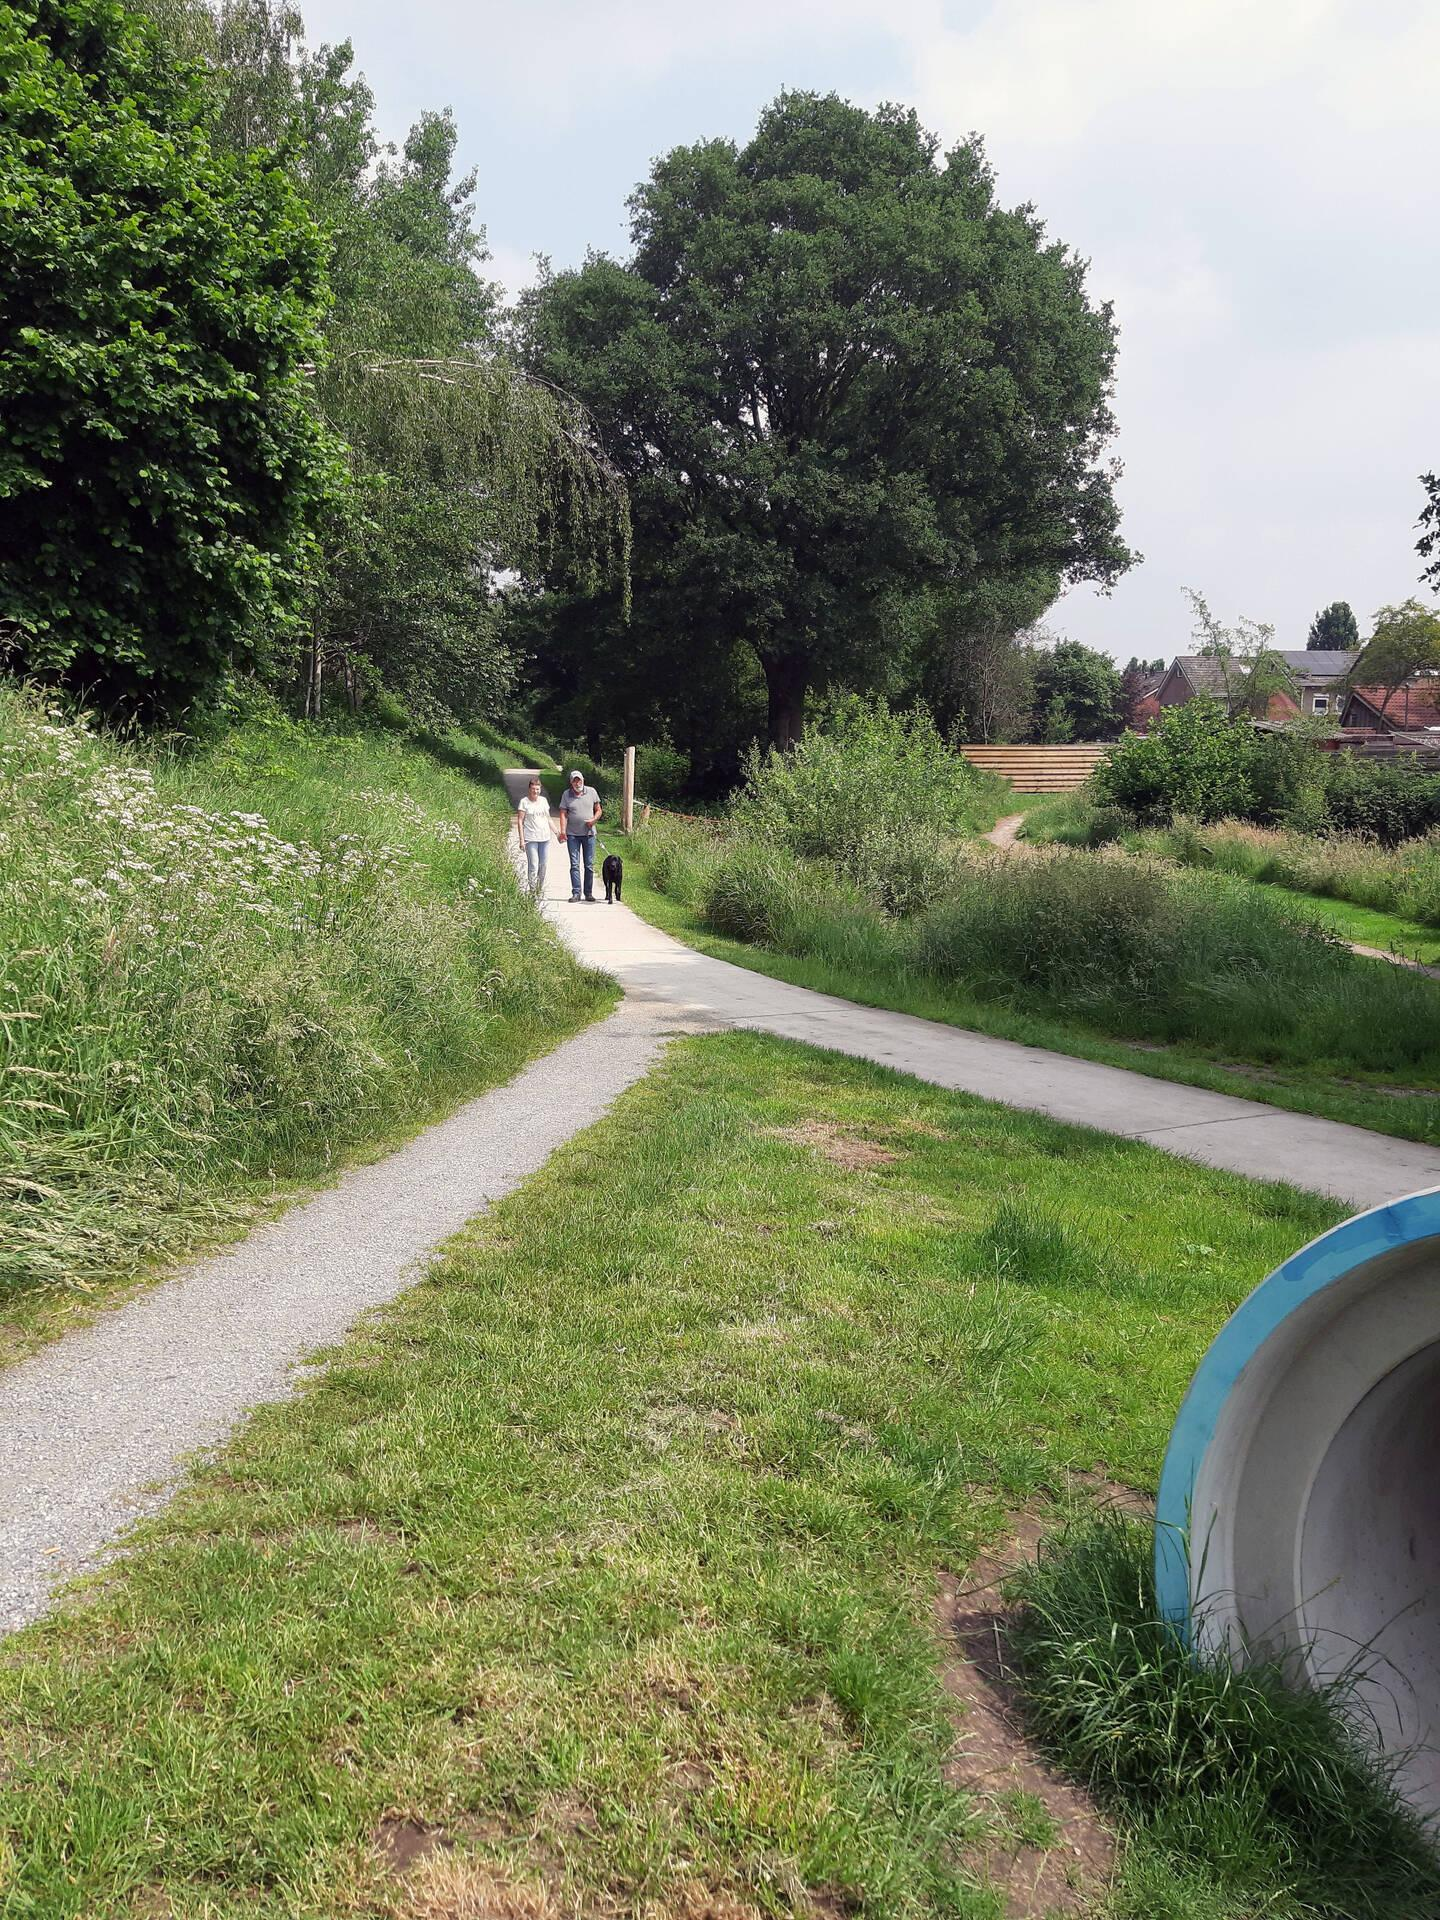 Rondje Beleefpark en Ossebroeken, kort (minder geschikt voor mindervaliden)